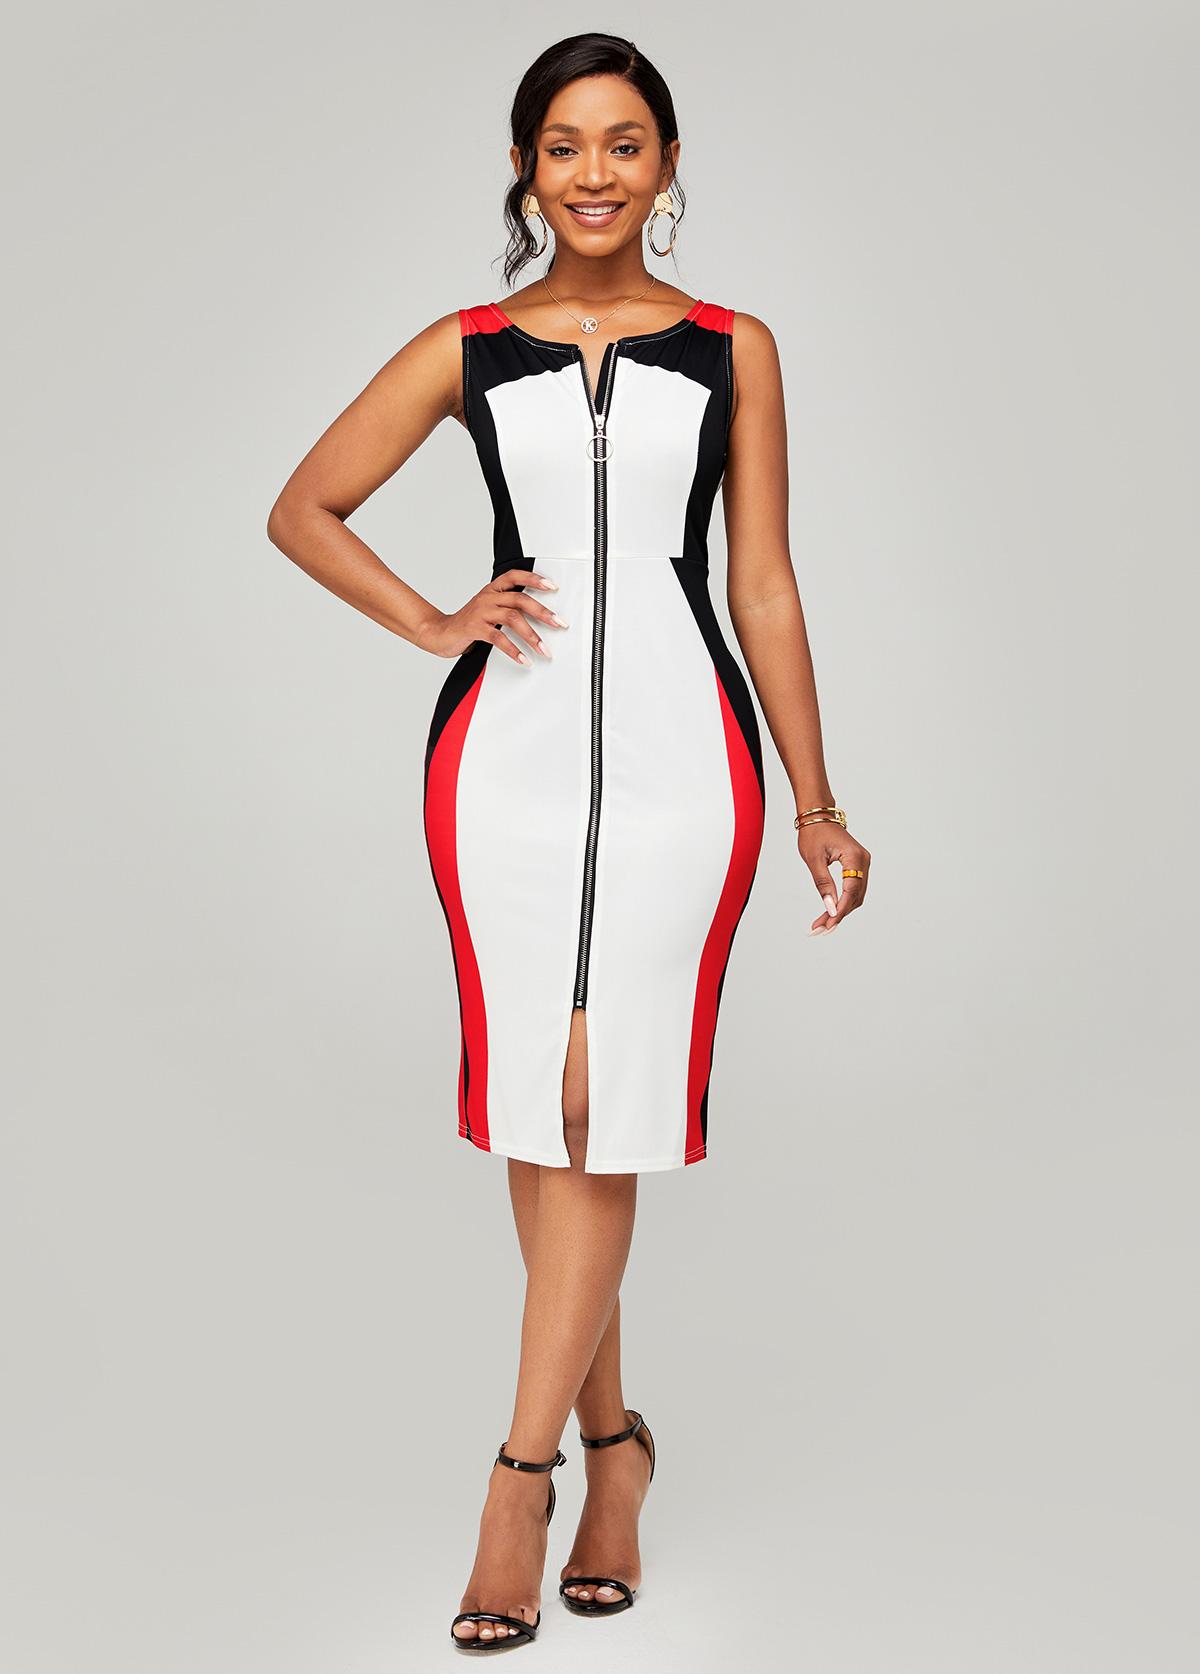 ROTITA Zipper Closure Color Block Sleeveless Dress